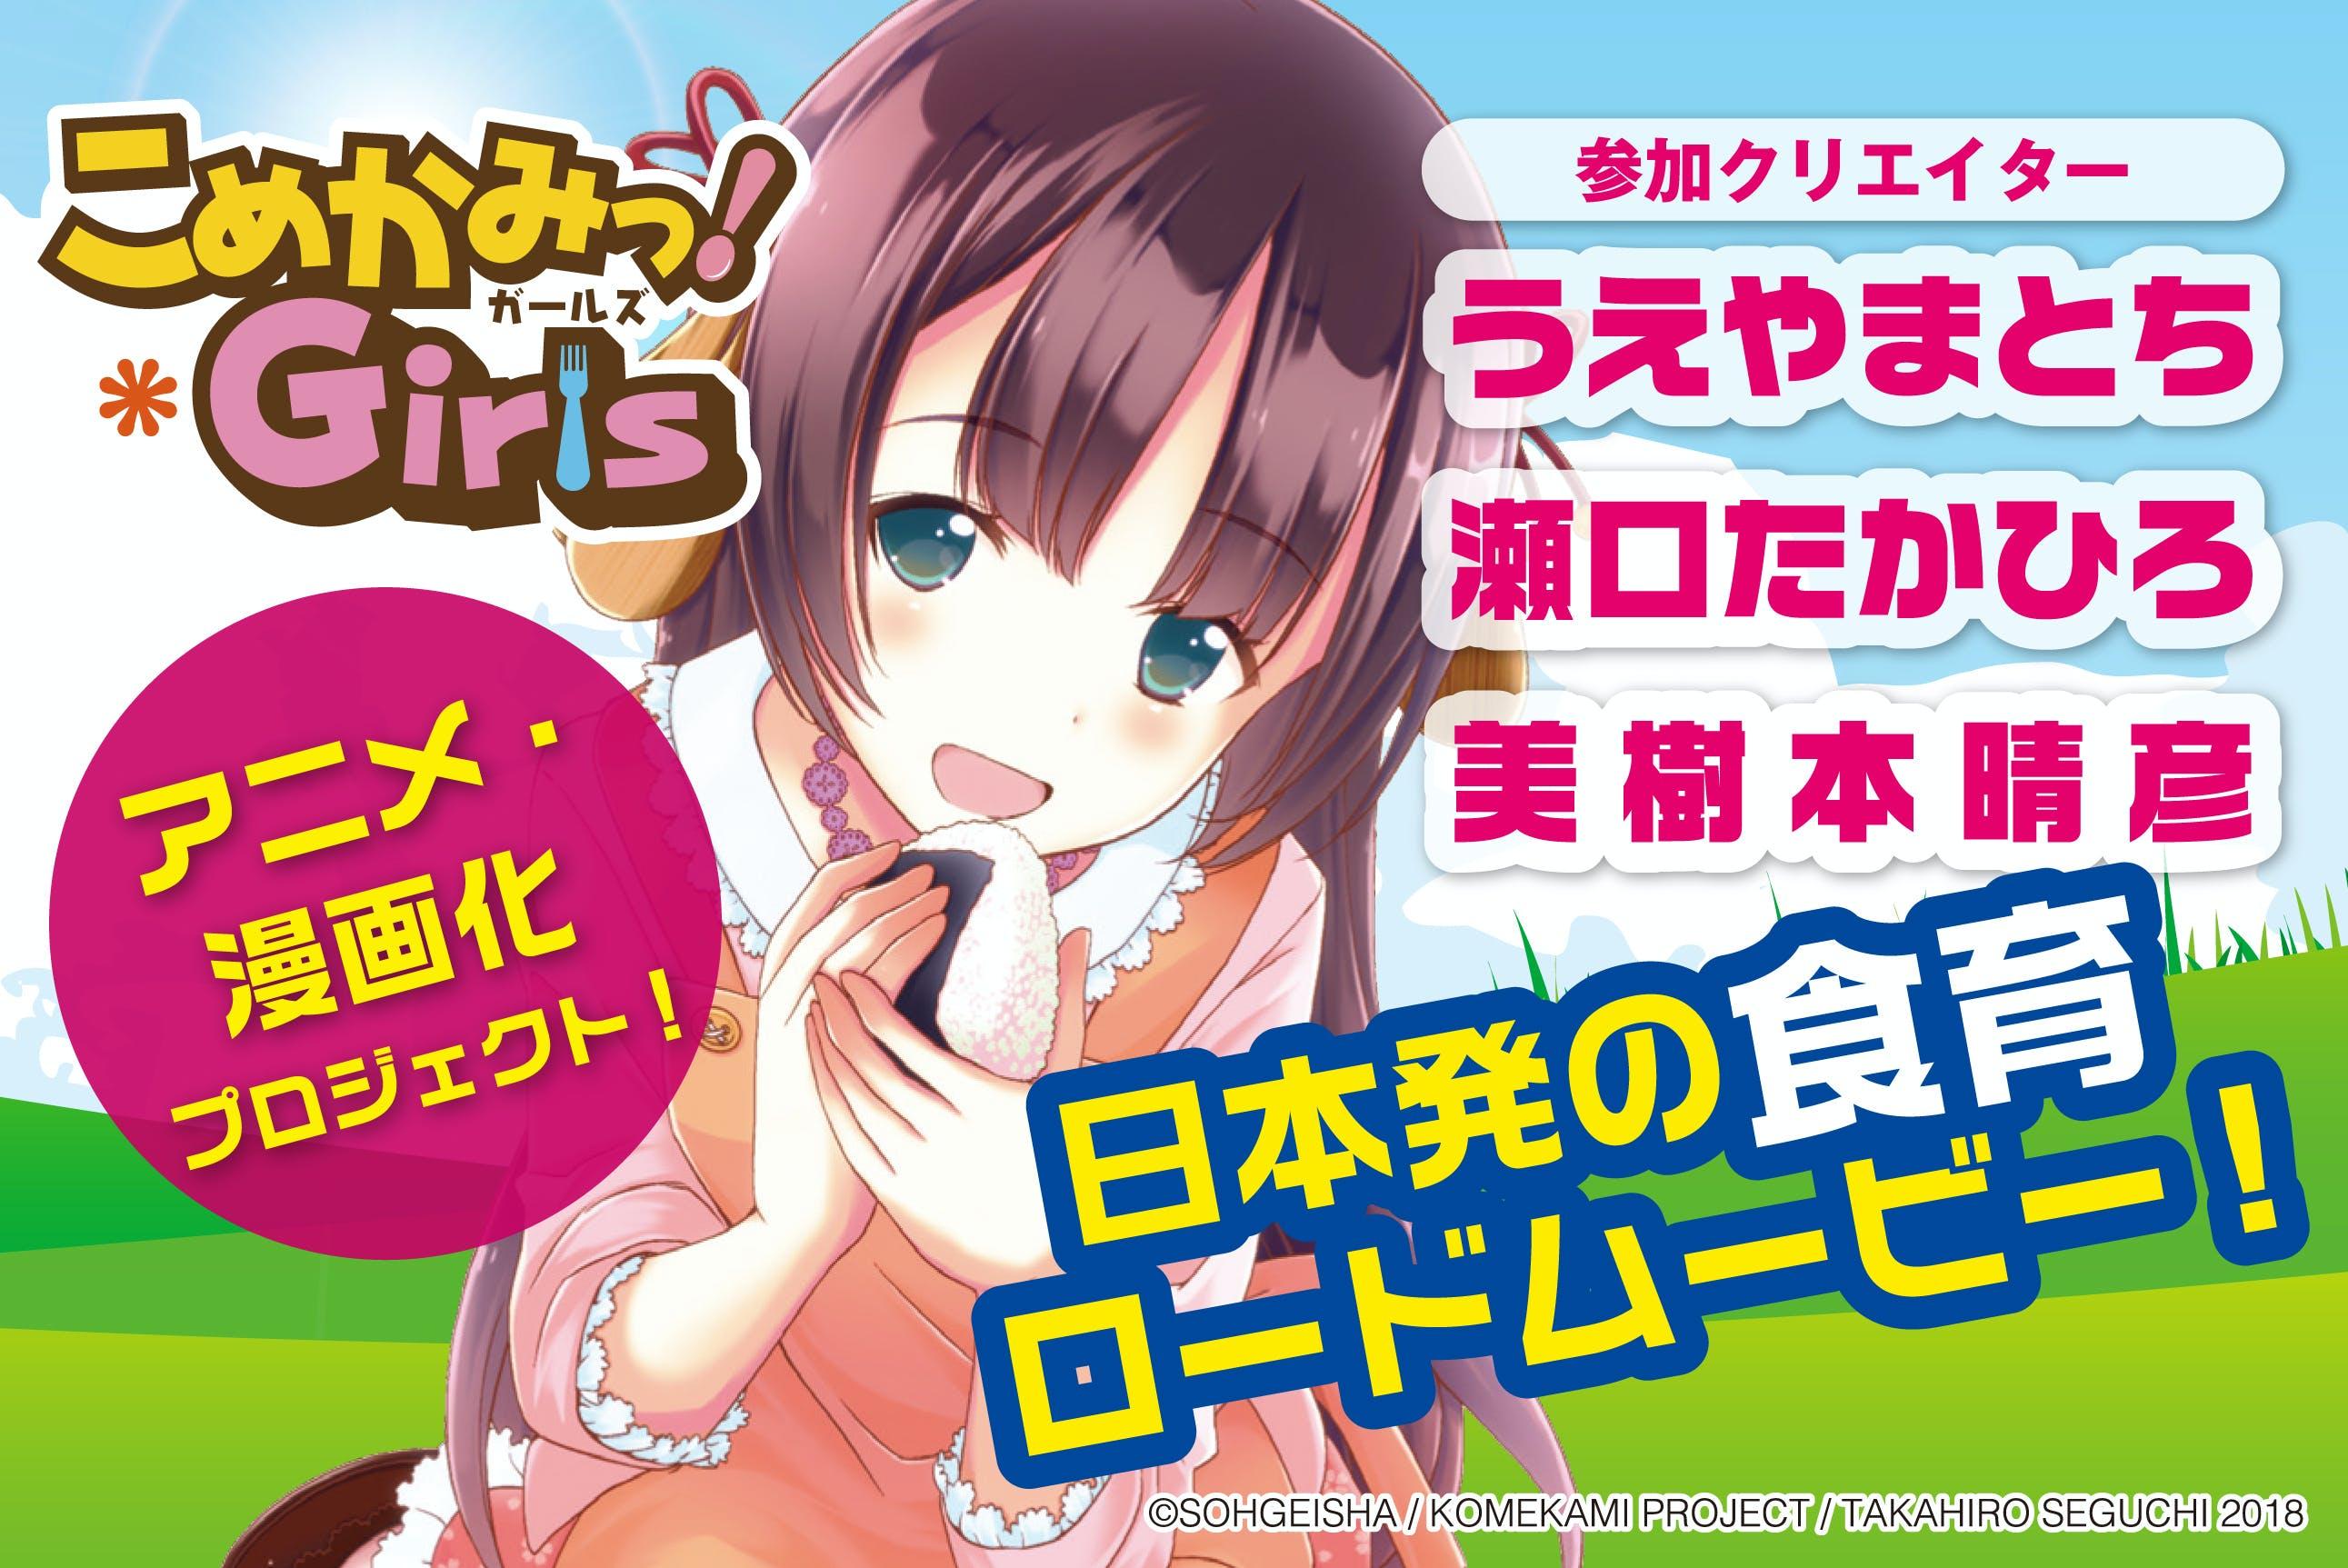 【アニメ・漫画化】こめかみっ!ガールズで日本の「おいしい」を子供たちに伝えたい!